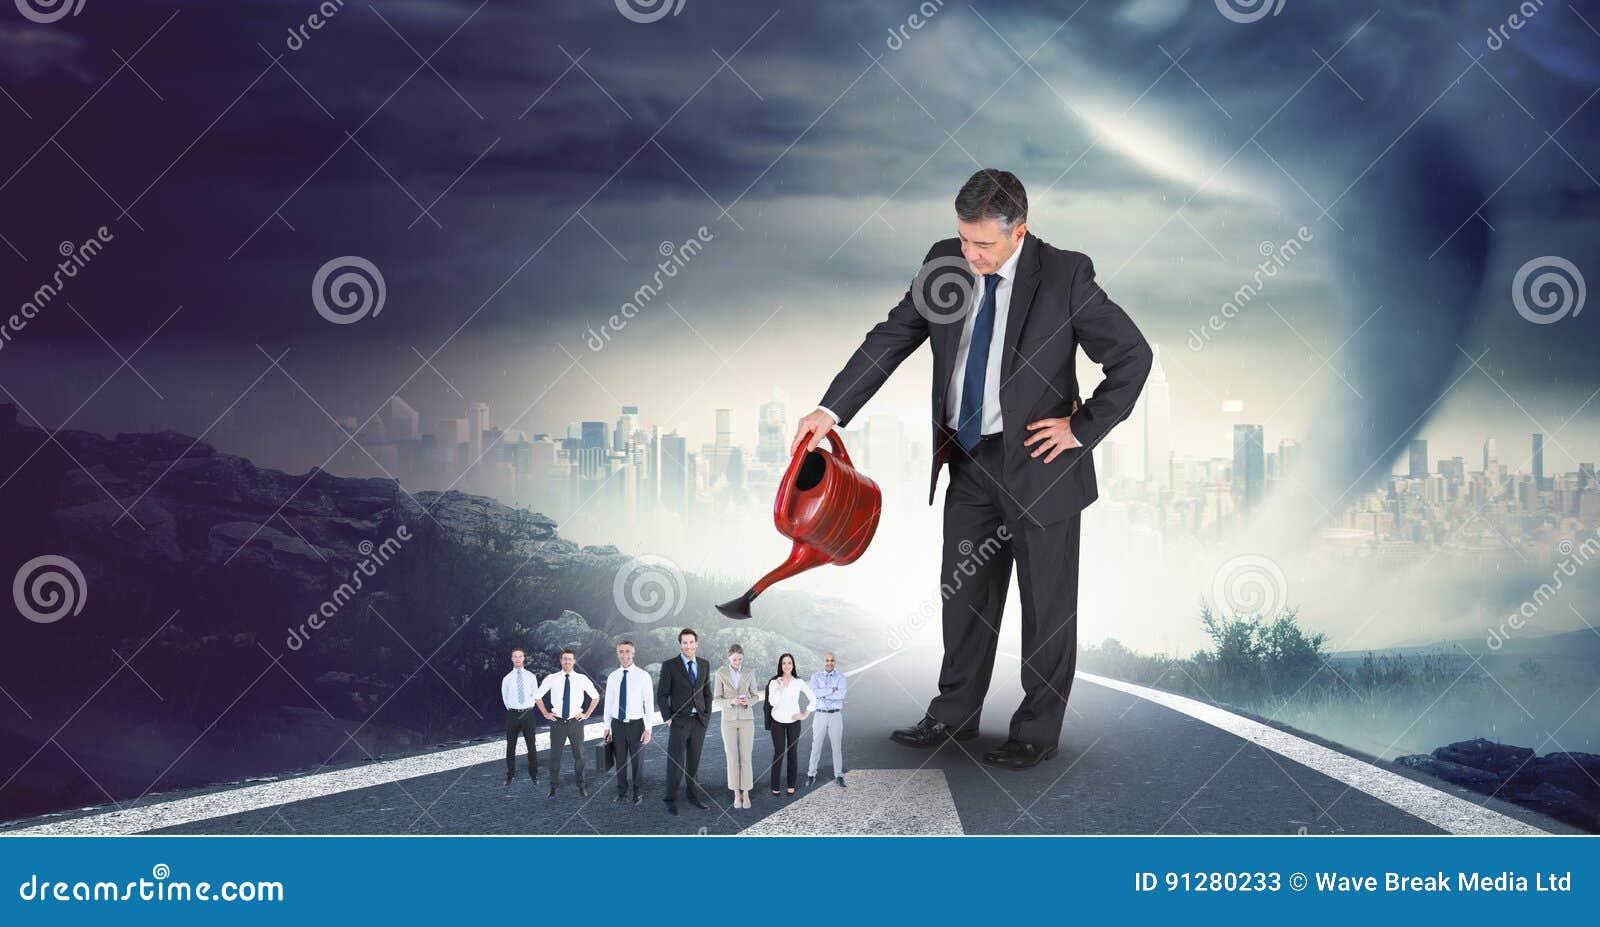 Digital sammansatt bild av affärsmannen som bevattnar anställda på huvudvägen med cityscape i bakgrund